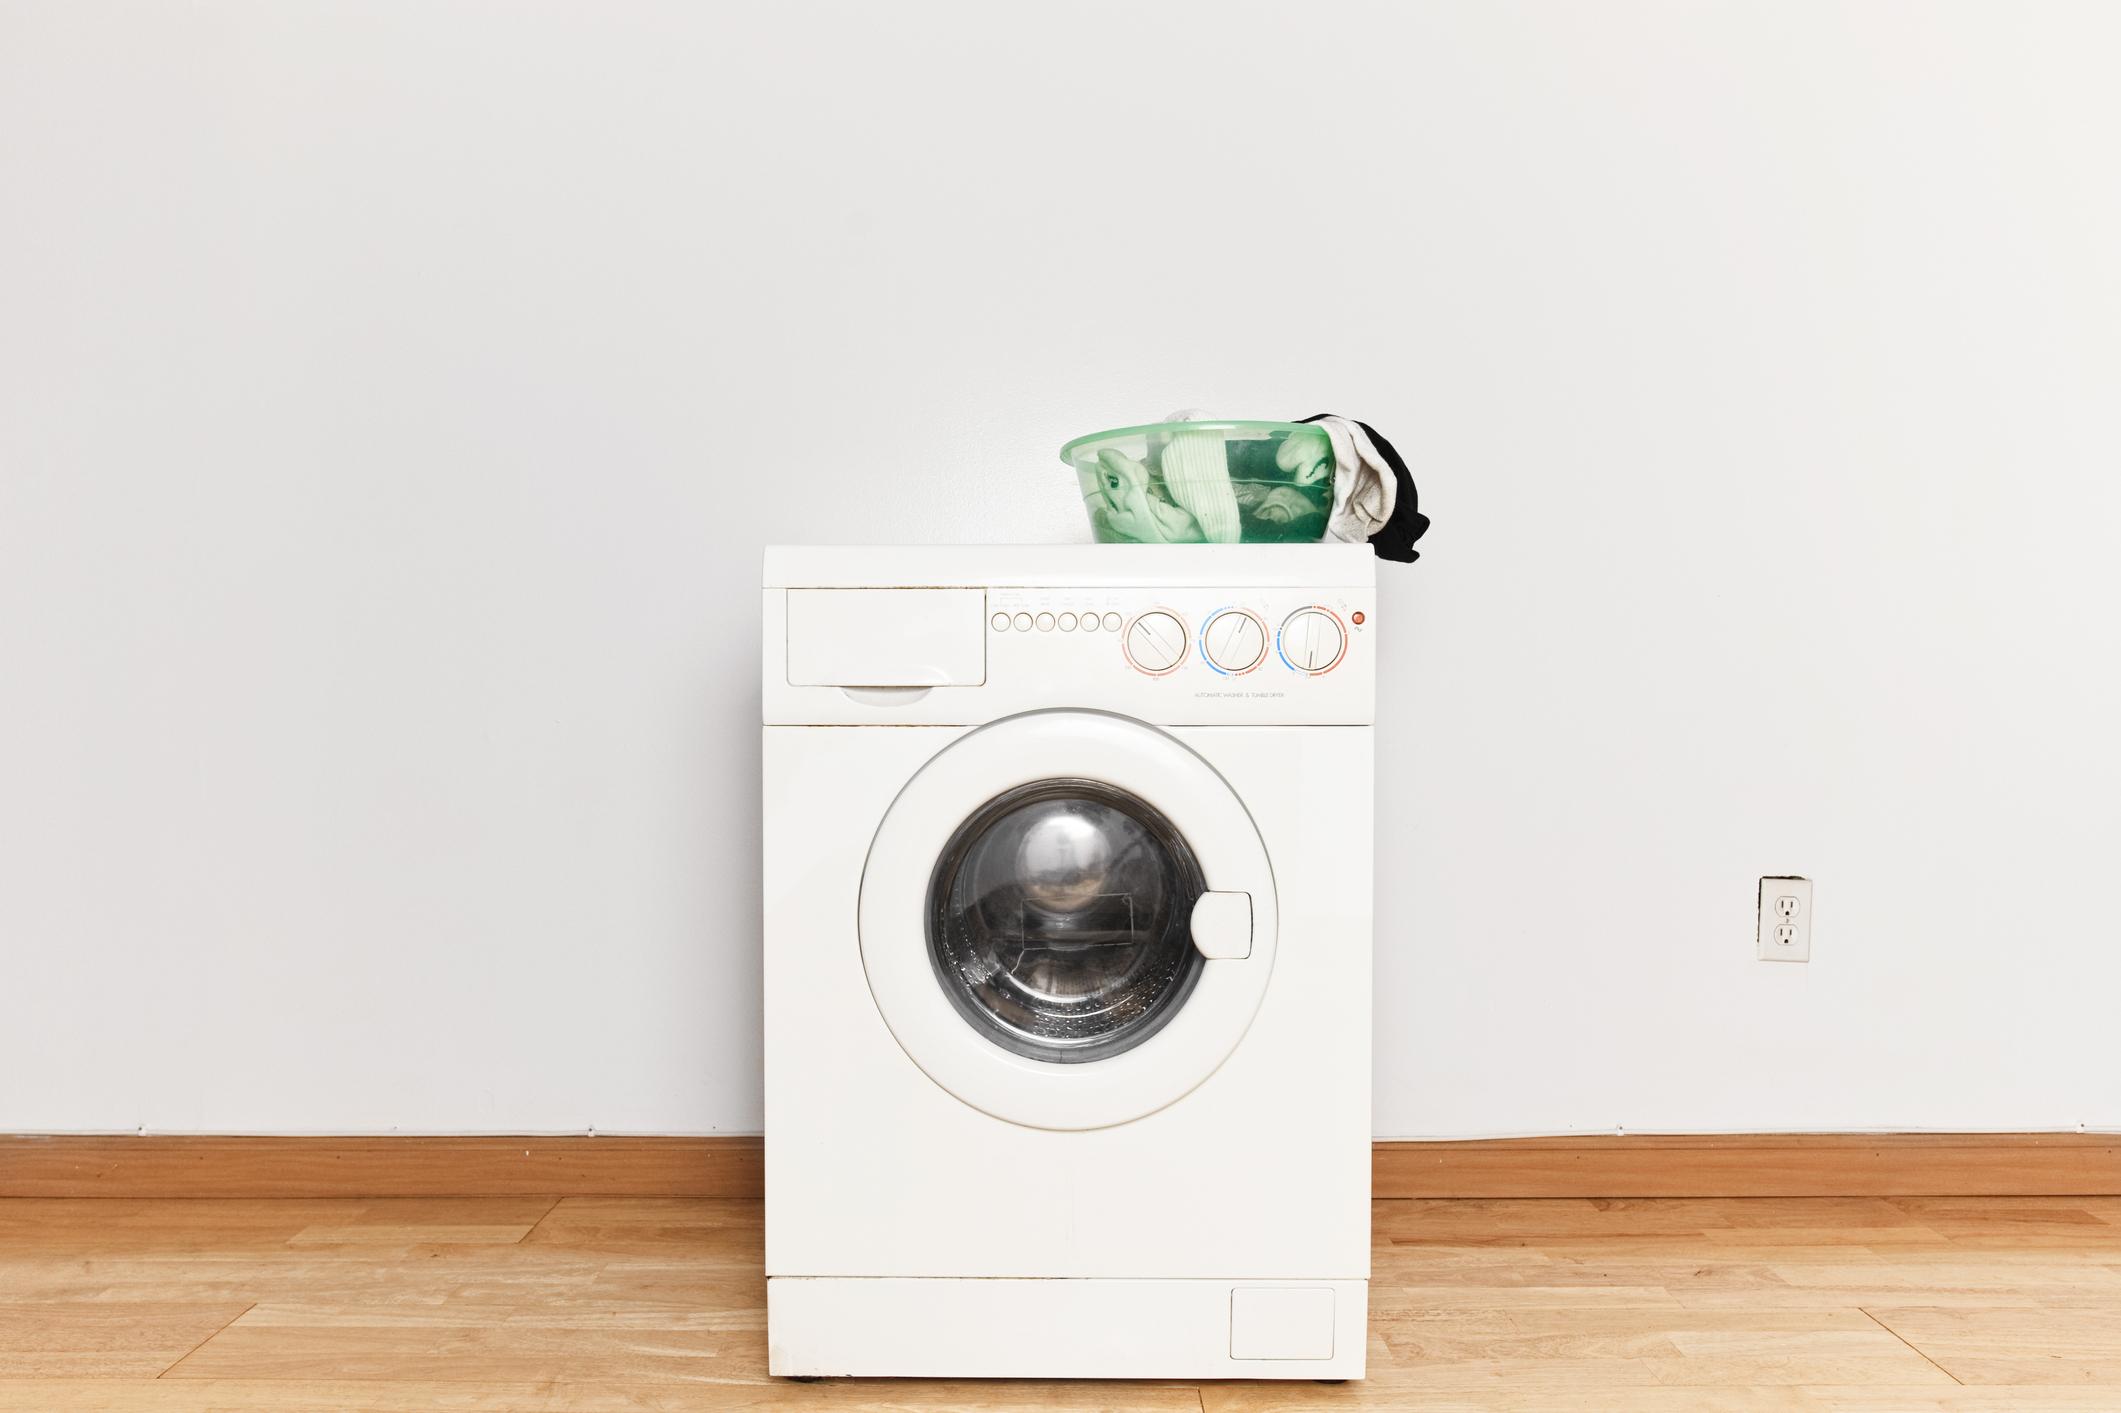 Top Waschmaschine sicher transportieren - So geht's | UPDATED WI48